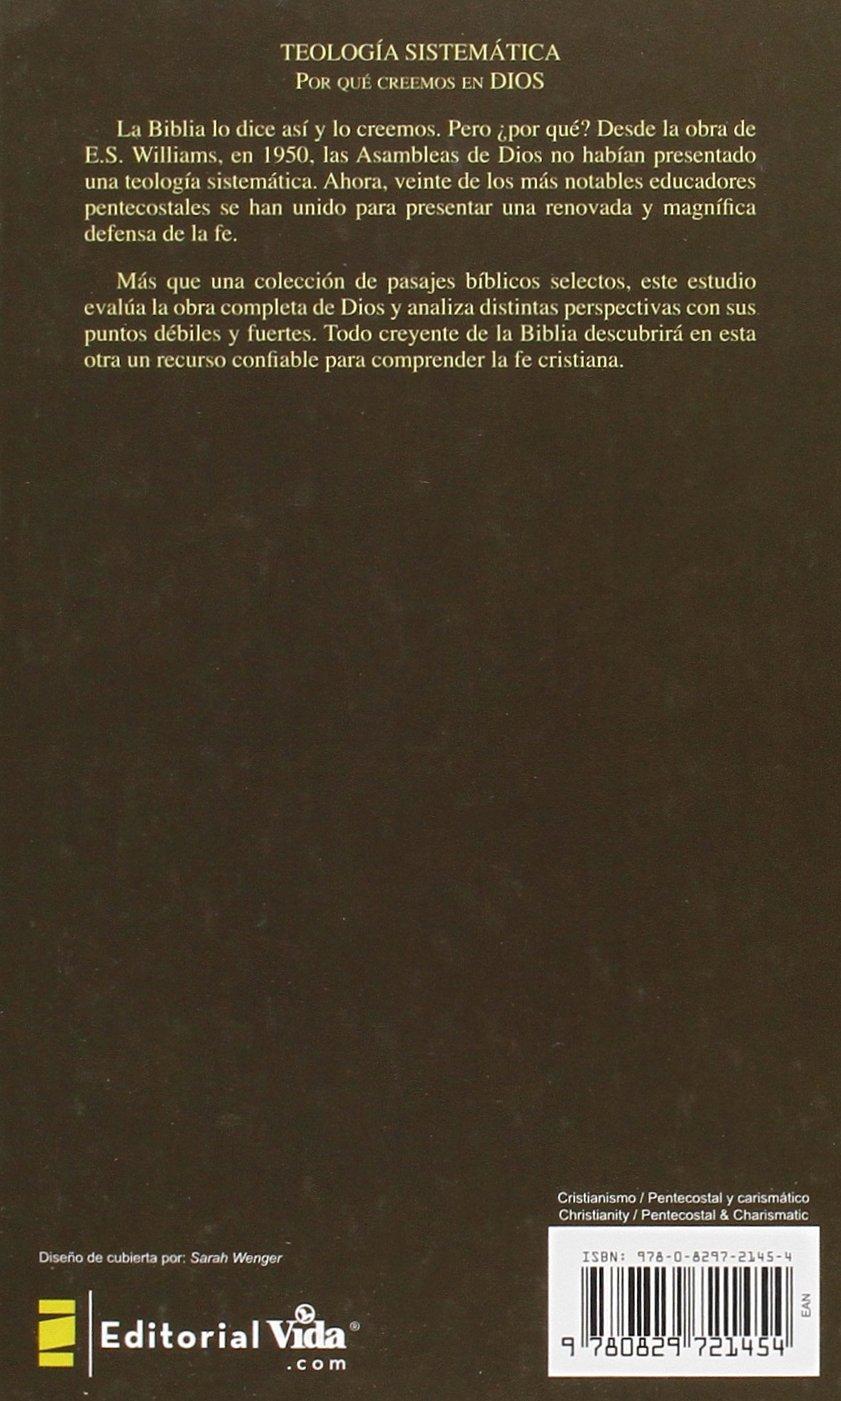 Teolog a sistem tica pentecostal revisada stanley m horton amazon com mx libros